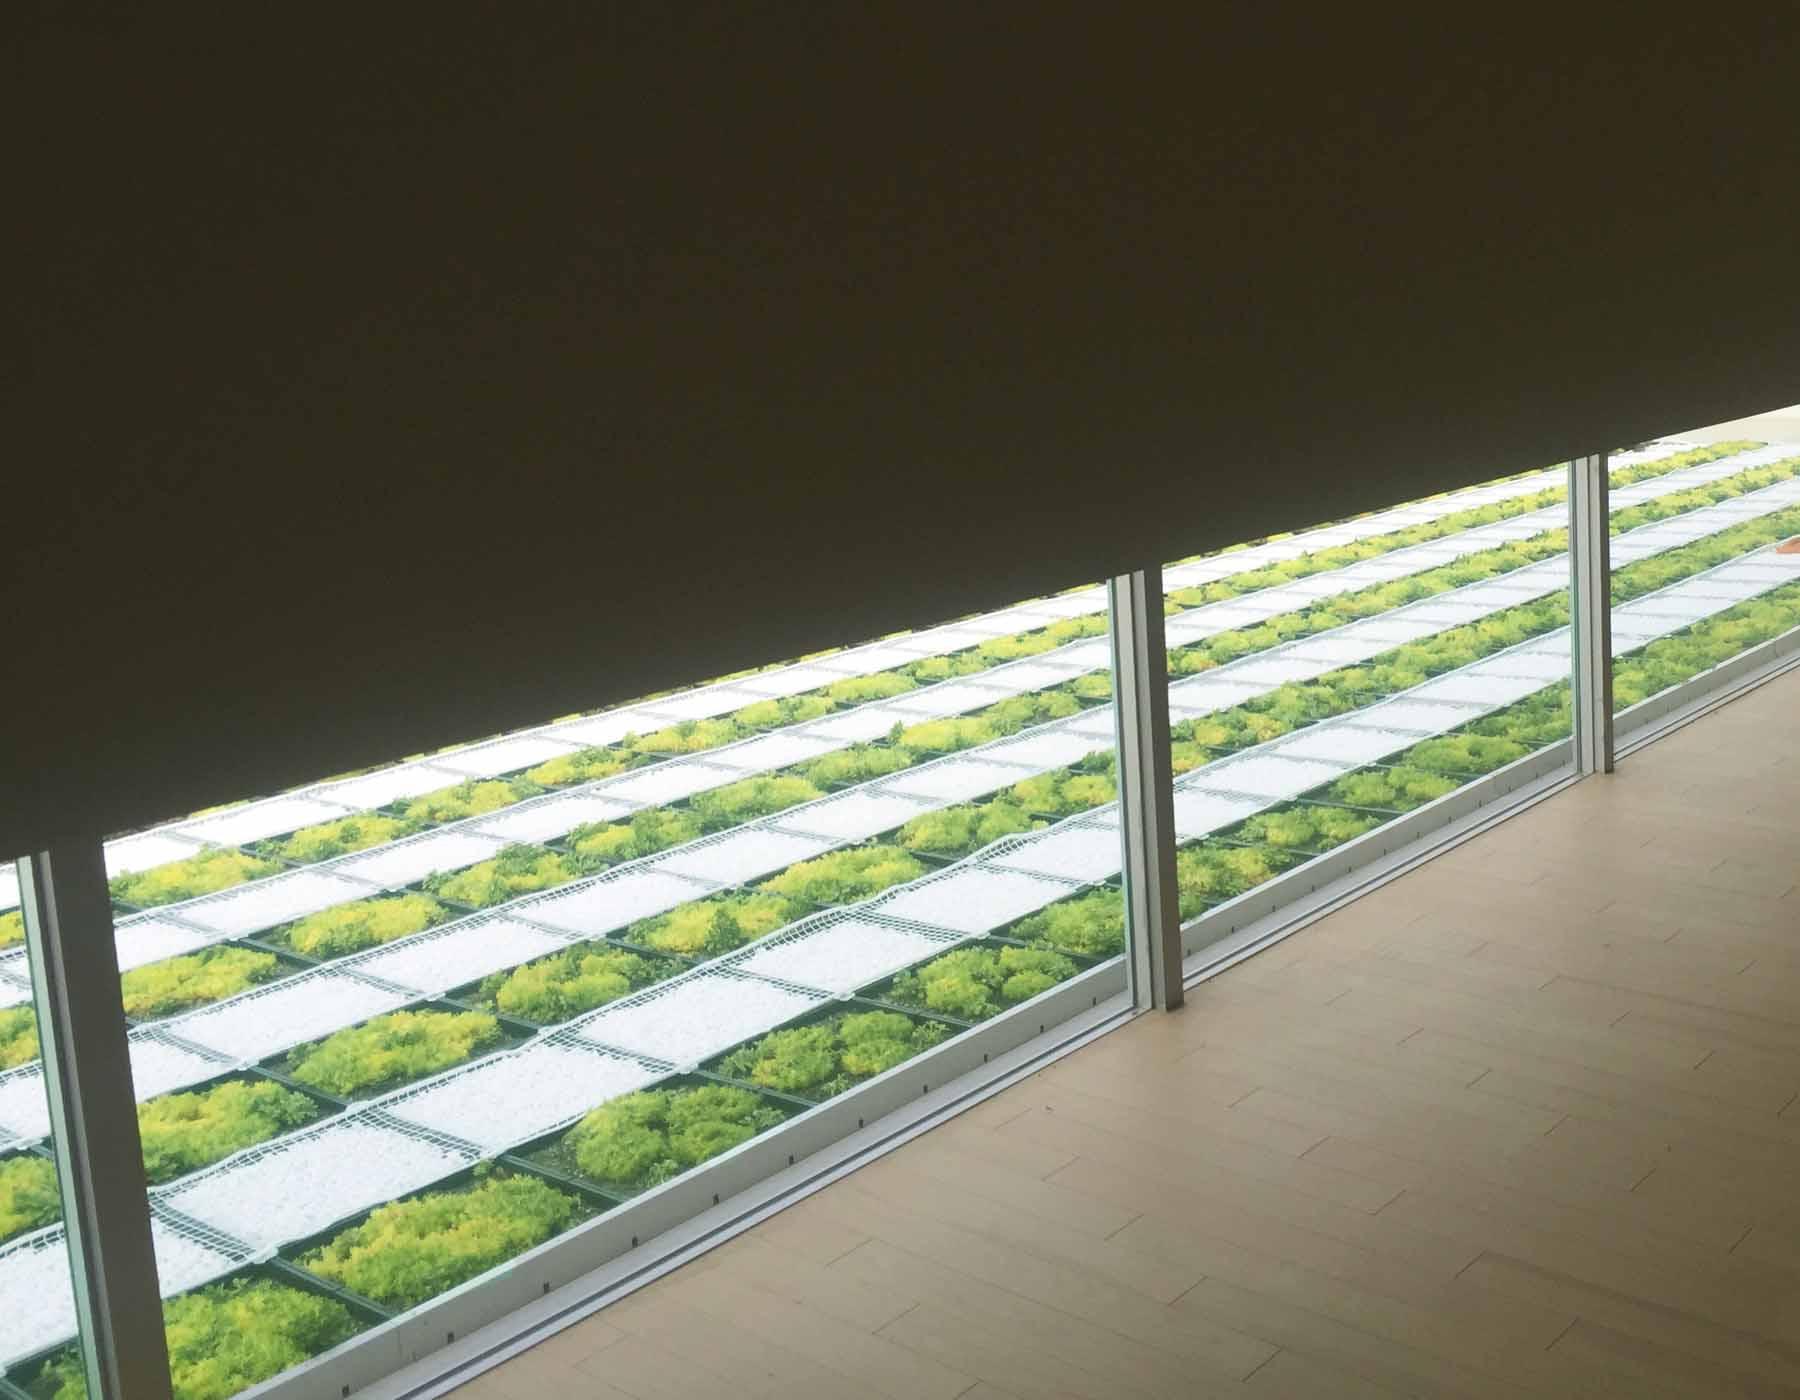 建物室内から小窓は足元に位置します。フローリングの木目が屋上緑化を際立たせてくれます